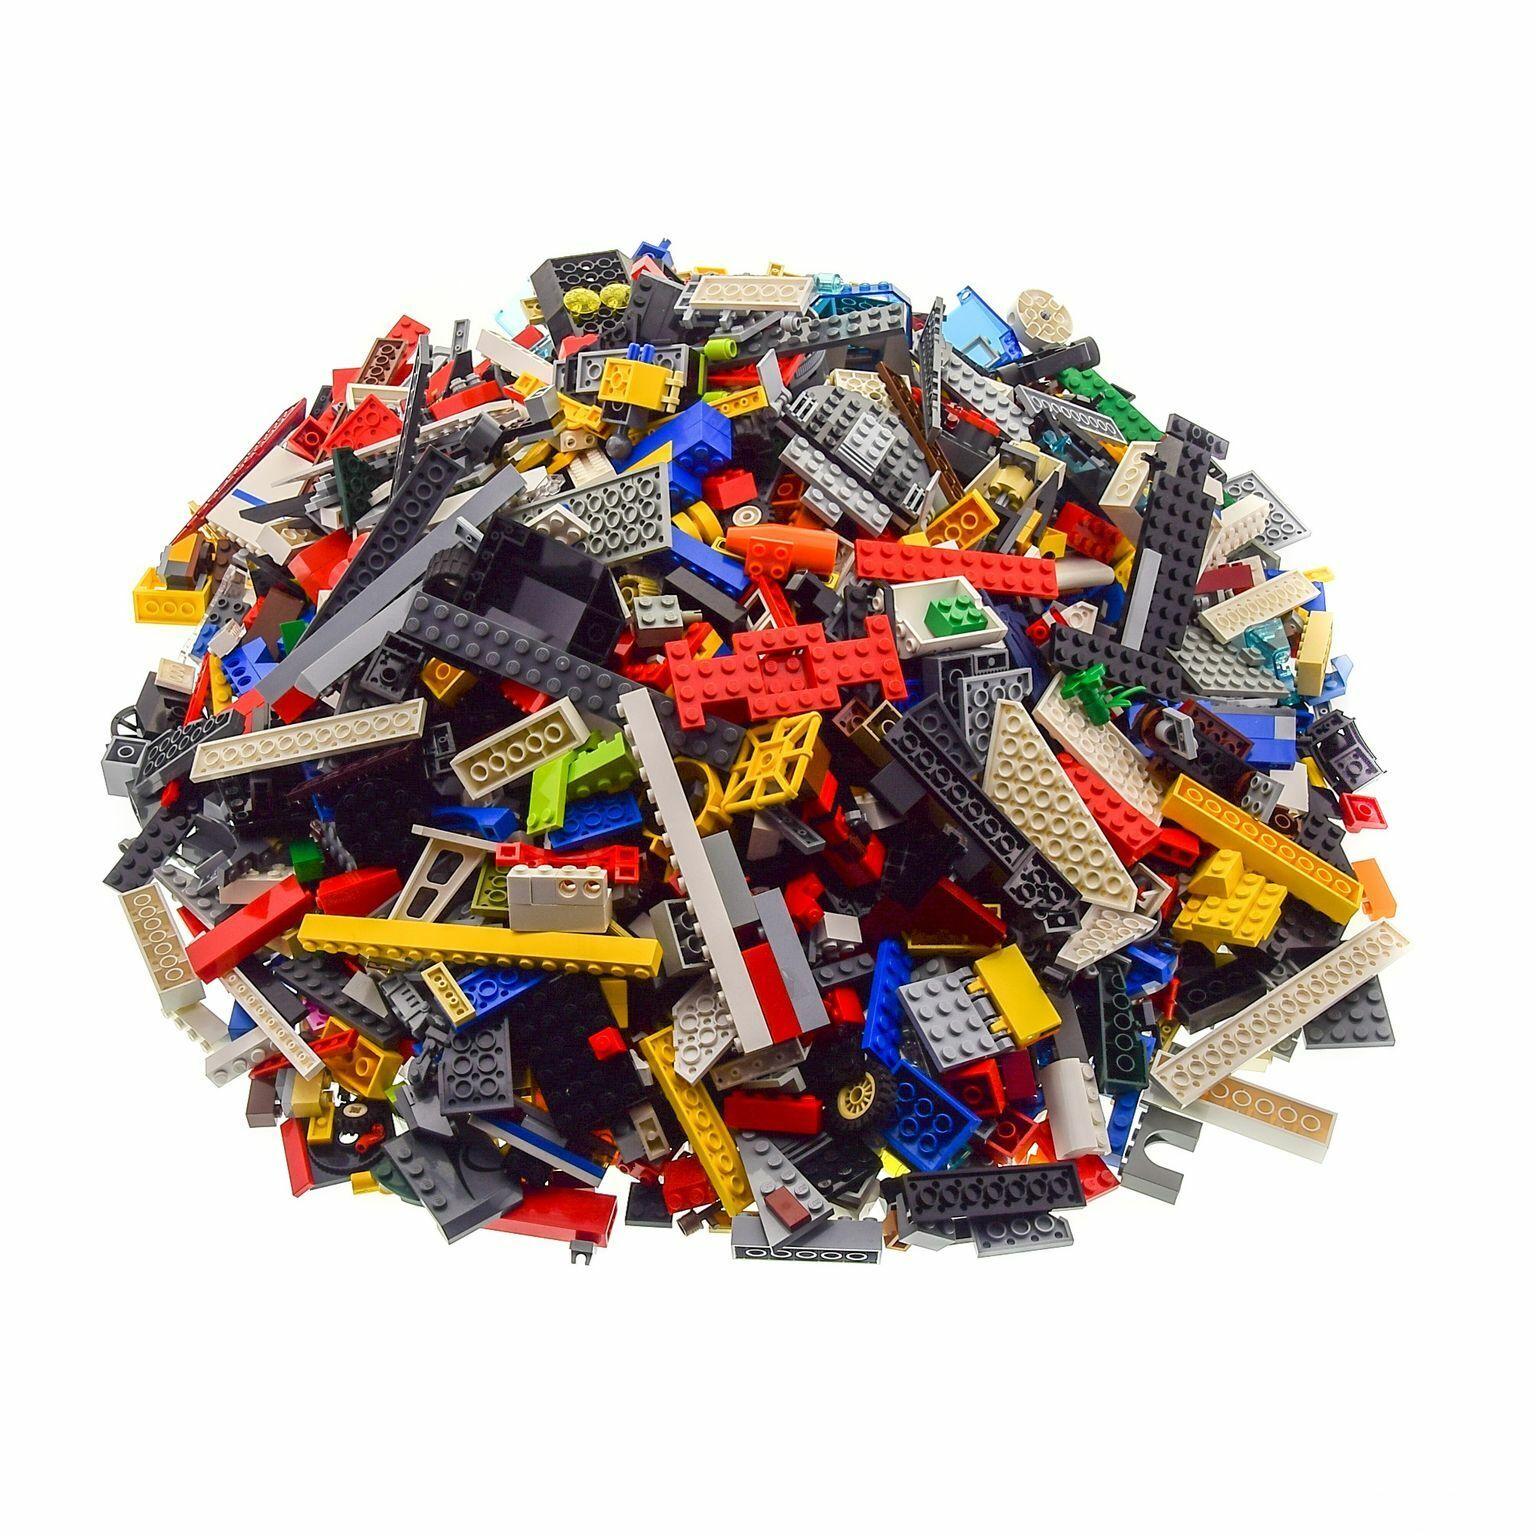 4 kg LEGO construction pierres environ 2800 pièces Couleuré Mélangé par exemple Roues Plaques Fenêtre